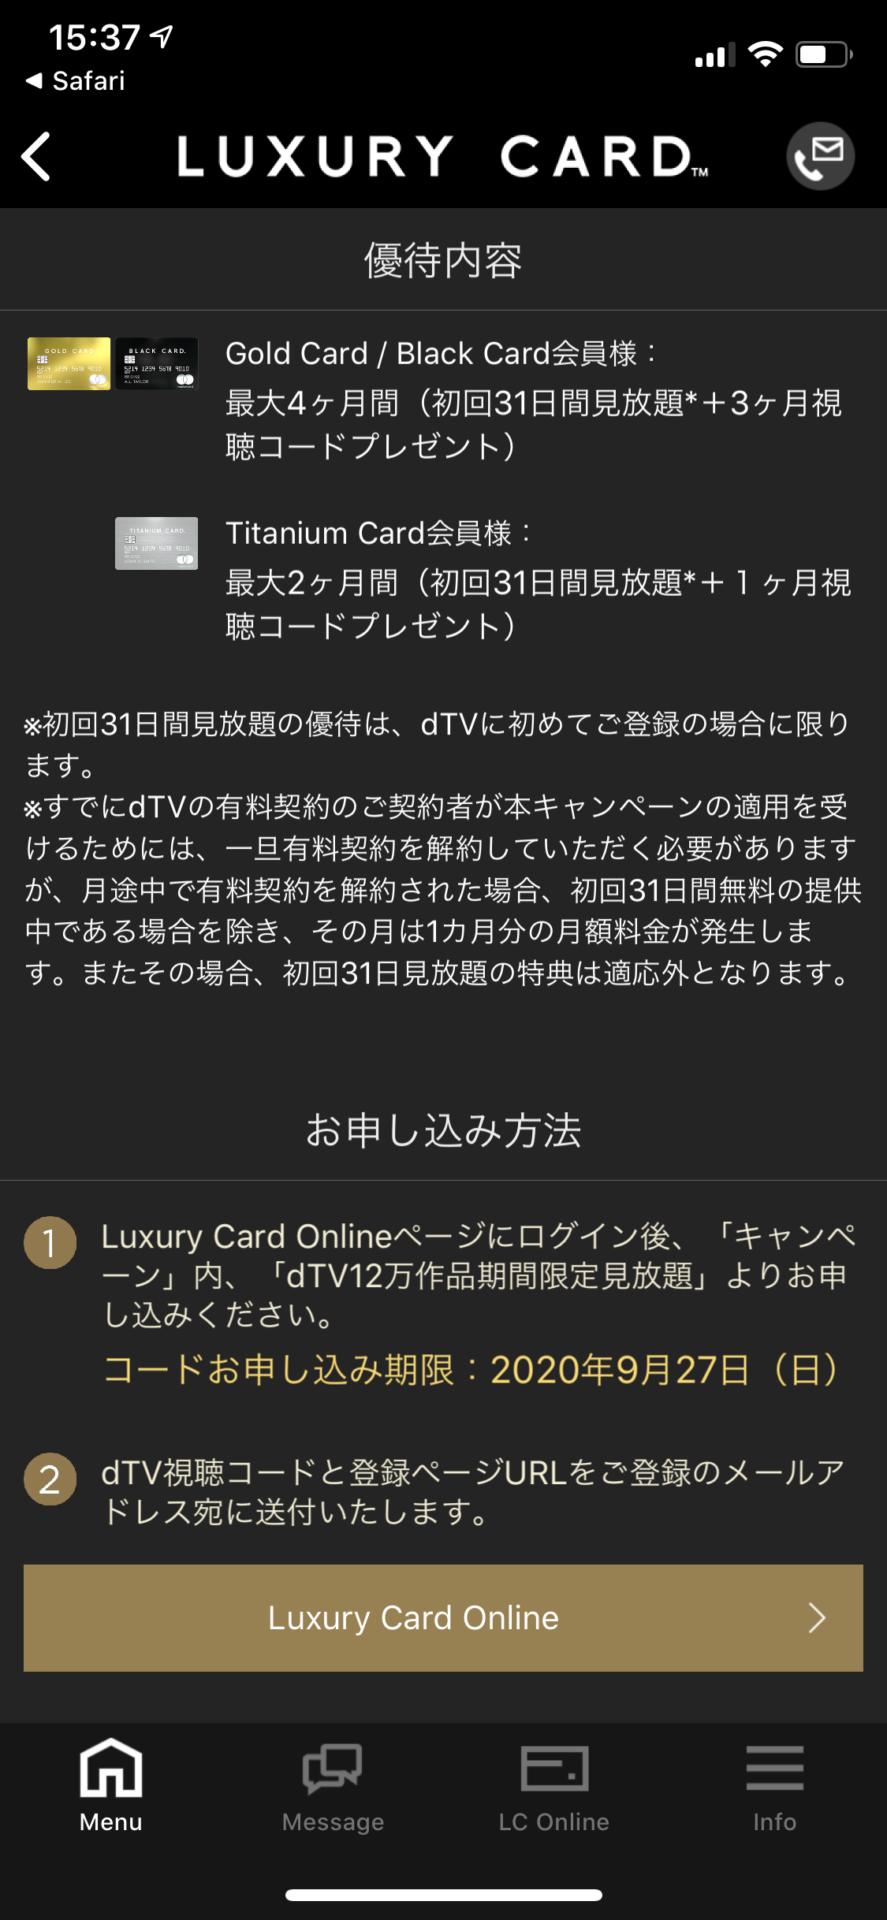 ラグジュアリーカードのdTV優待 第2弾 (1)